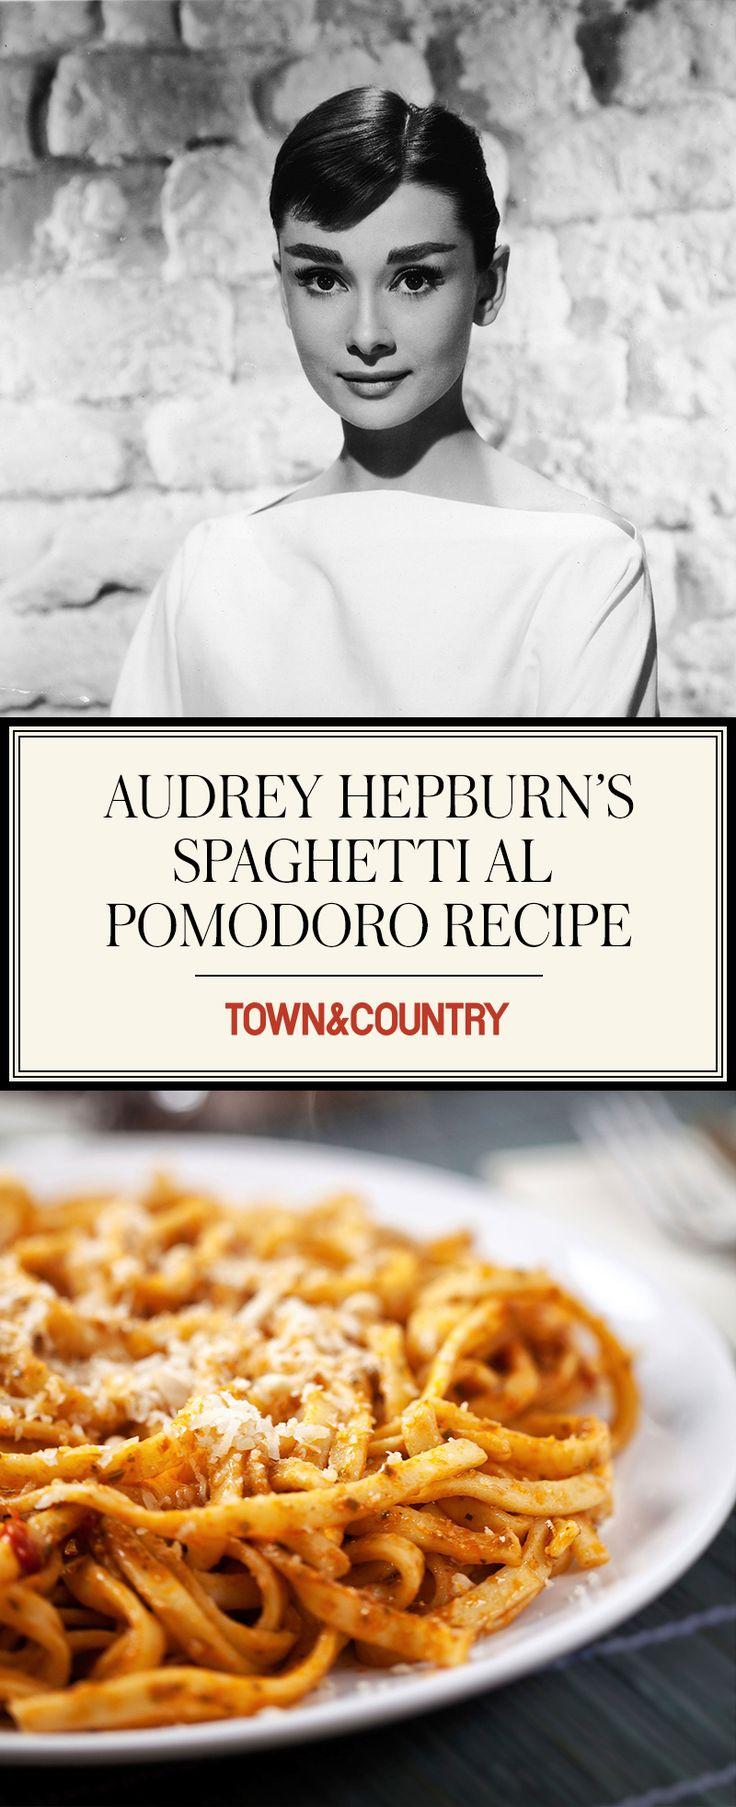 Audrey Hepburn's delicios Spaghetti al Pomodoro Recipe